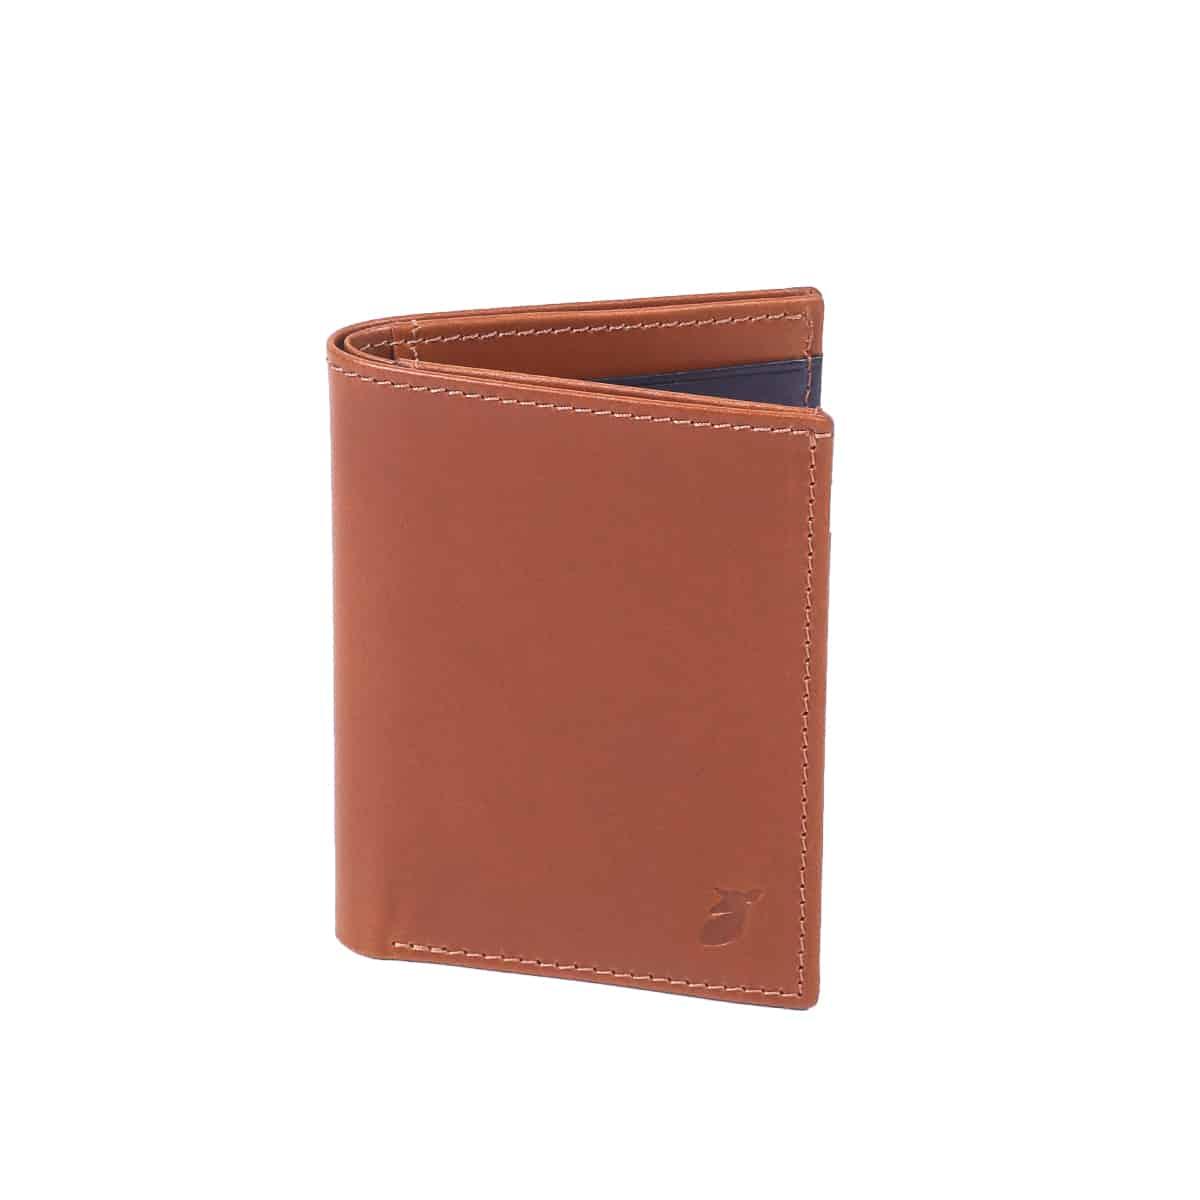 A mi-chemin entre le porte-cartes et le portefeuille, ce format Livret sera l'écrin idéal pour vos essentiels.